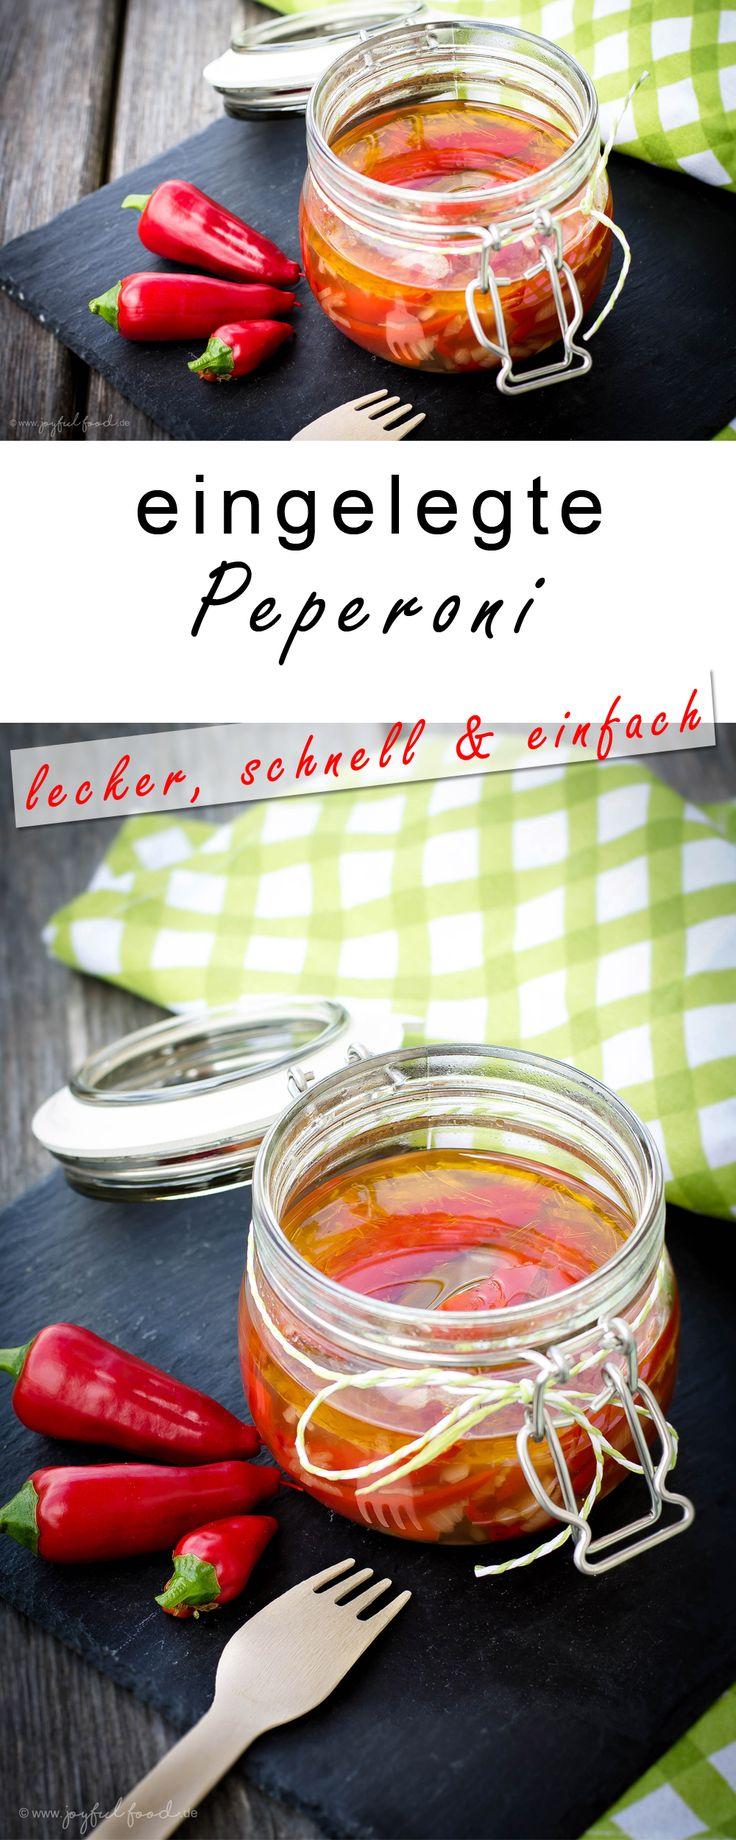 Selbst eingelegte Peperoni aus dem eigenen Anbau. So lecker und so einfach und schnell gemacht! auch für Paprika, Chili oder Habaneros geeignet.  #Paprika #Peperoni #Chili #Habanero #eingelegt #homemade #einlegen #eingelegtePeperoni #BBQ #Grillen